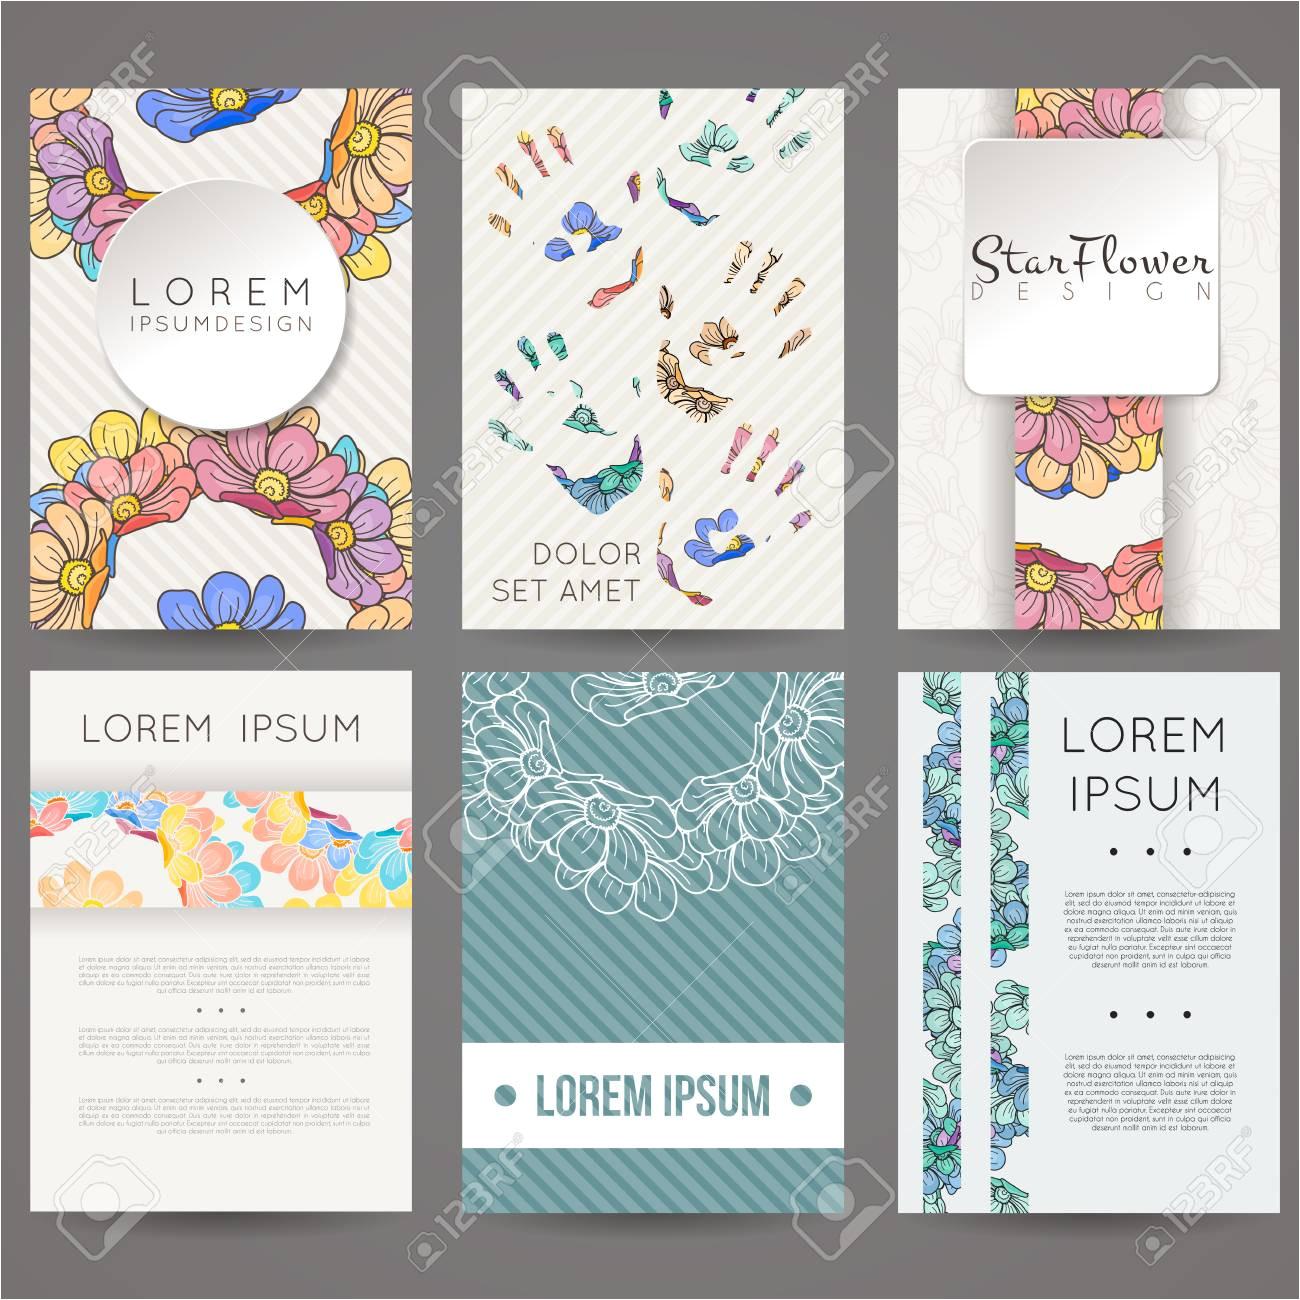 70570764 set of vector design templates brochures in random flower style vintage frames and backgrounds busin jpg